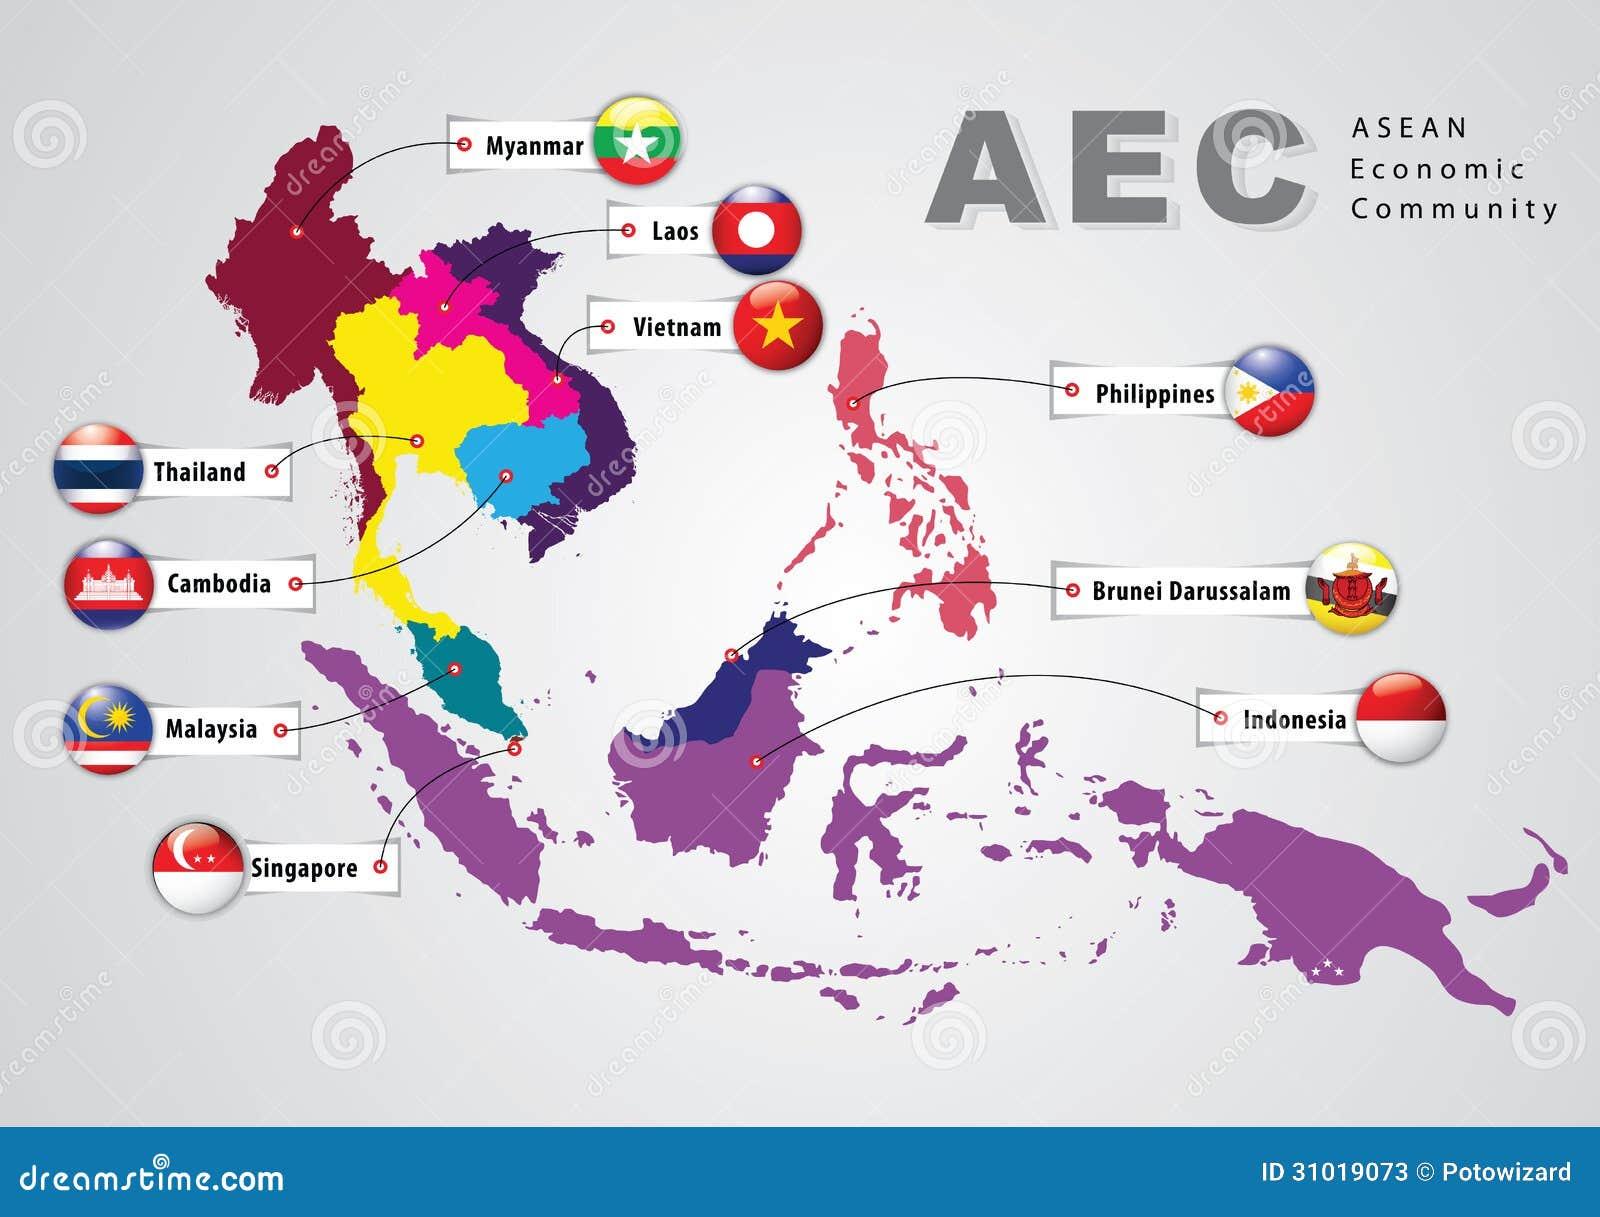 La communauté économique d ASEAN, l AEC